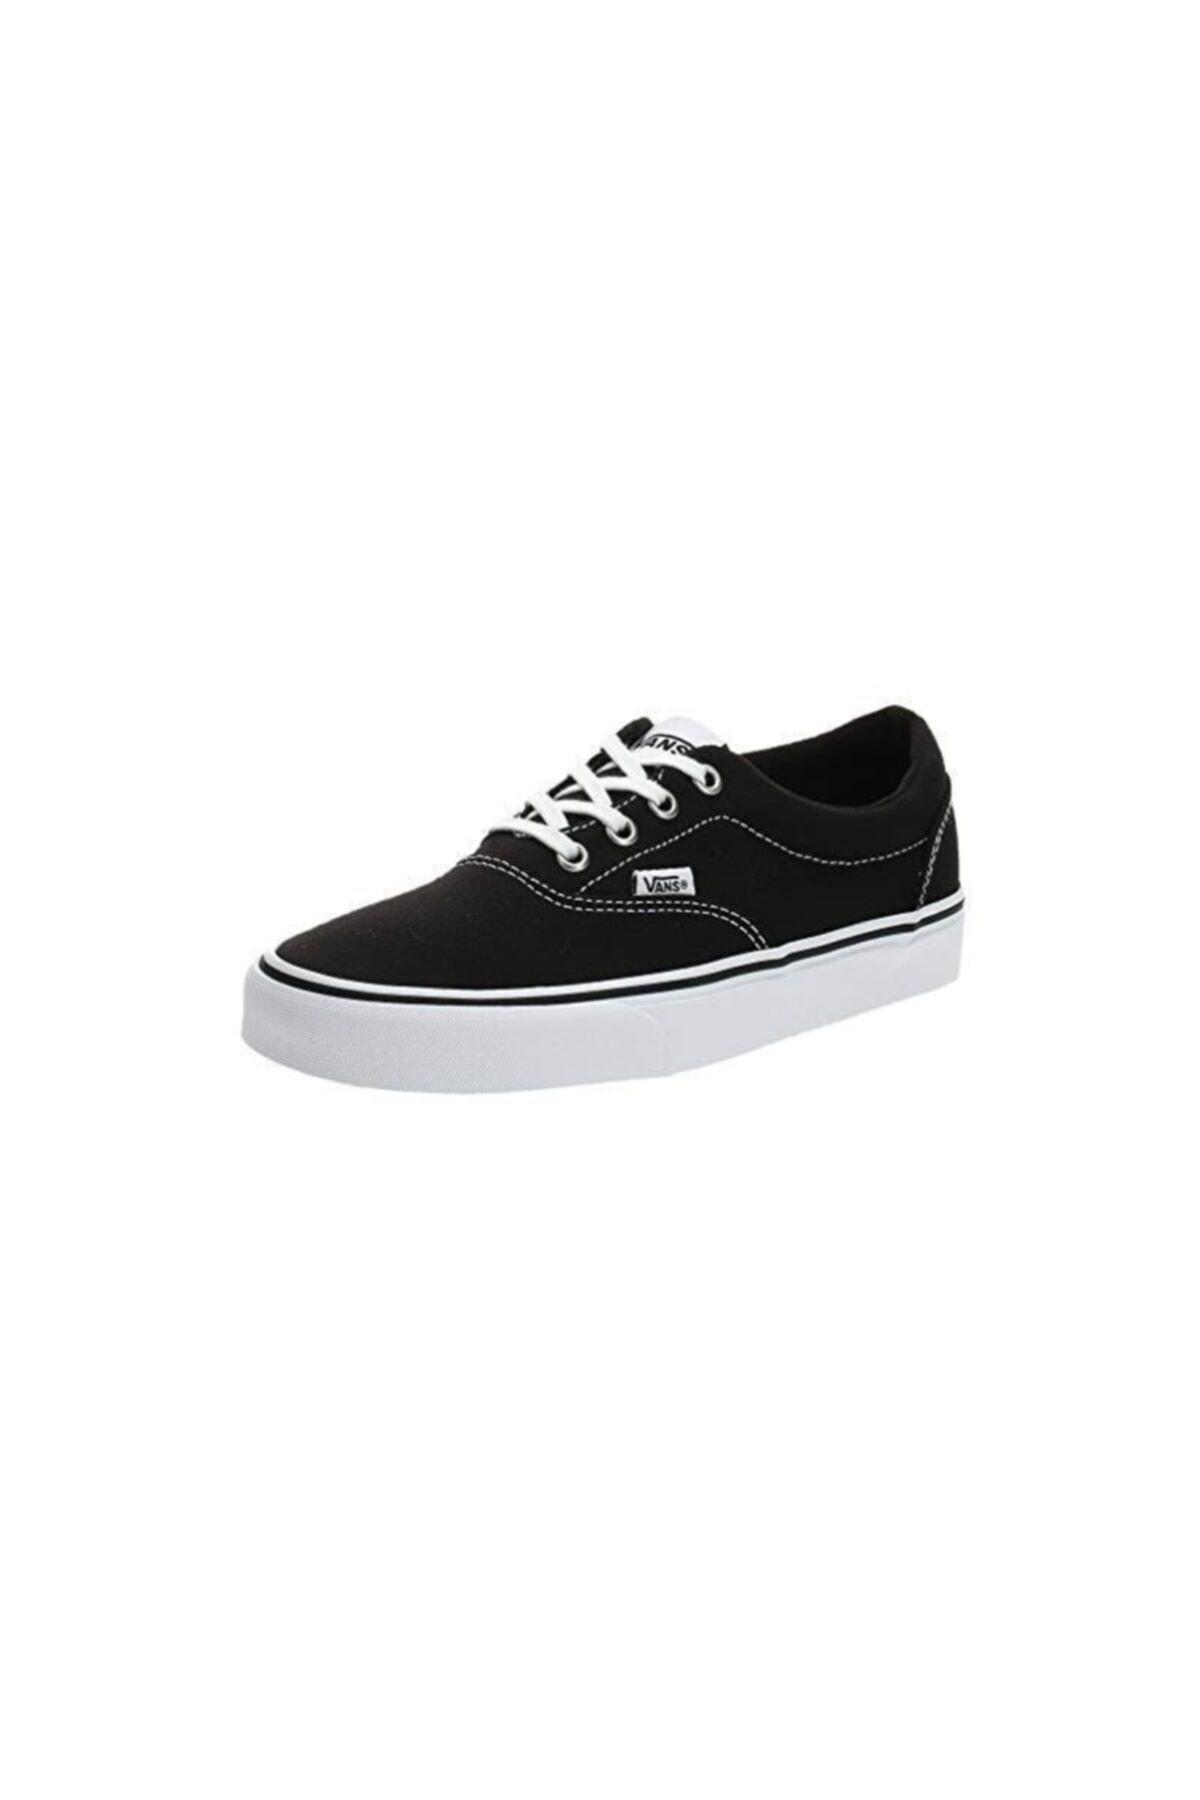 Vans Wm Doheny Kadın Siyah Sneaker Ayakkabı Vn0a3mvz1871 1